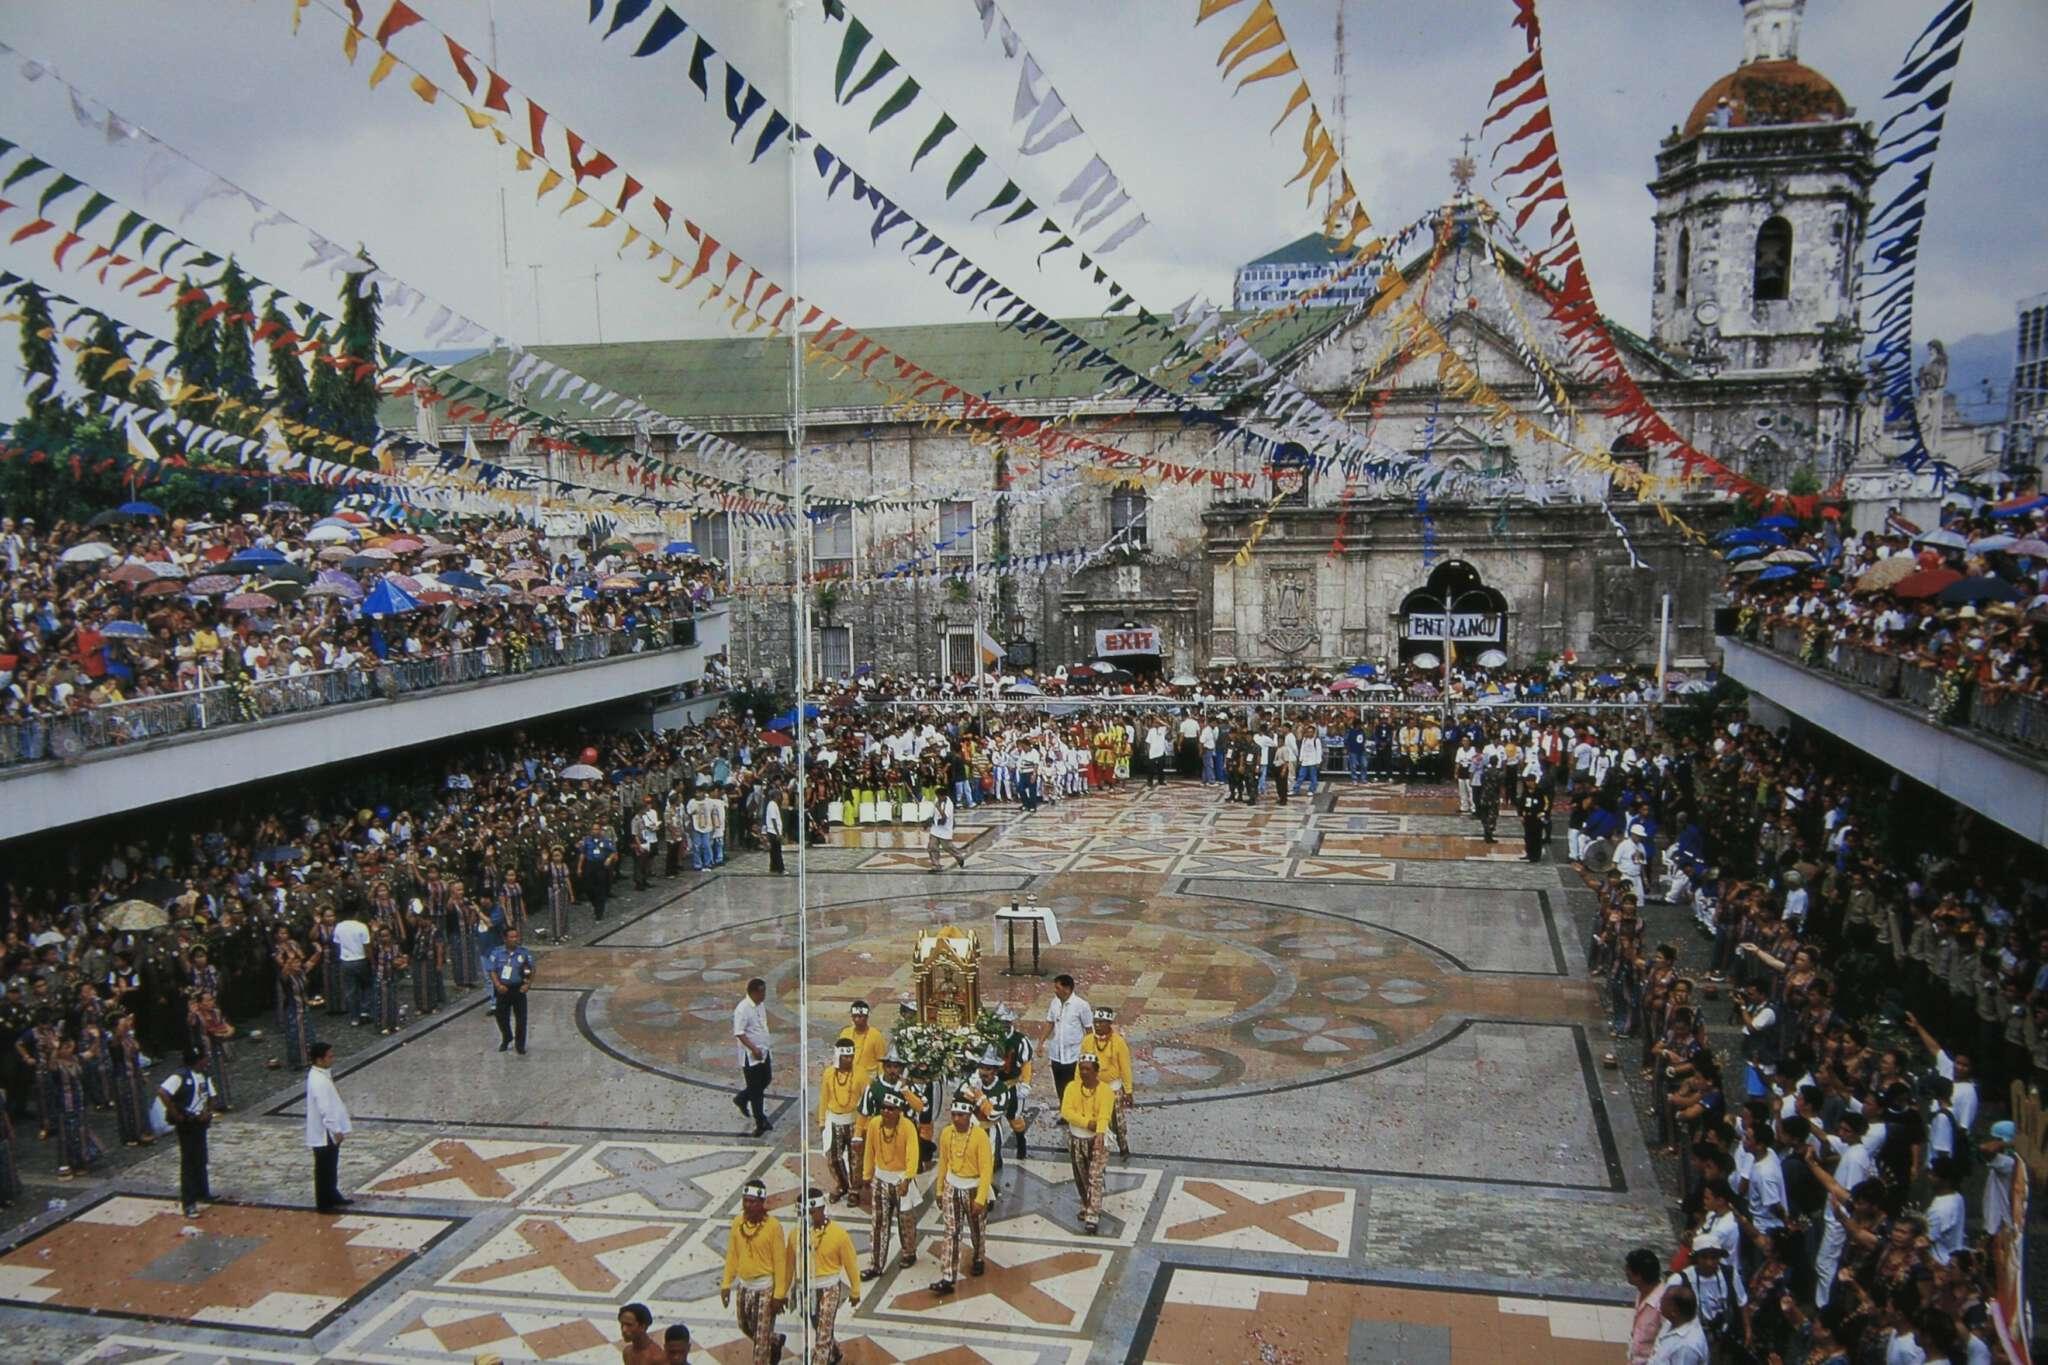 Esta semana se conmemoran los 500 años del inicio de la misión evangelizadora de los agustinos en Filipinas, con la llegada del Santo Niño de Cebú.